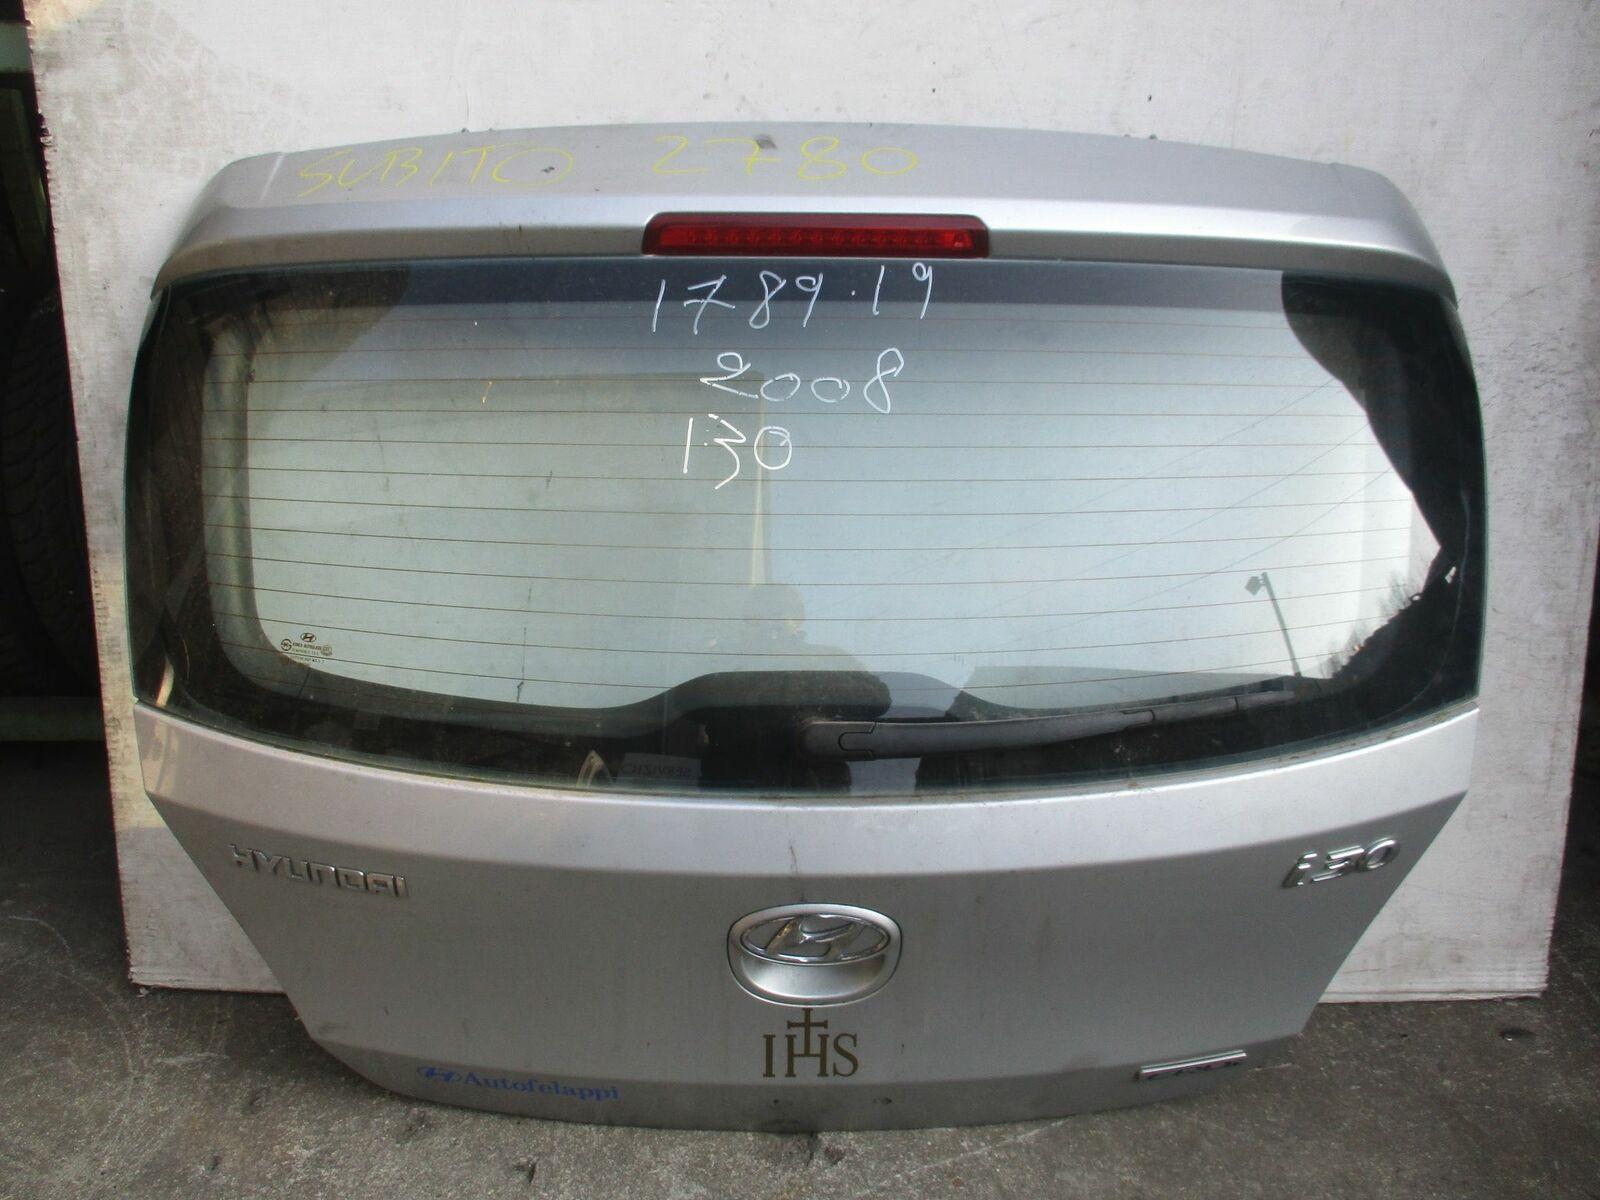 2x posteriore portellone gas puntelli di supporto si adatta HYUNDAI i30 Mk1 1.6 CRDi Diesel 2008-12